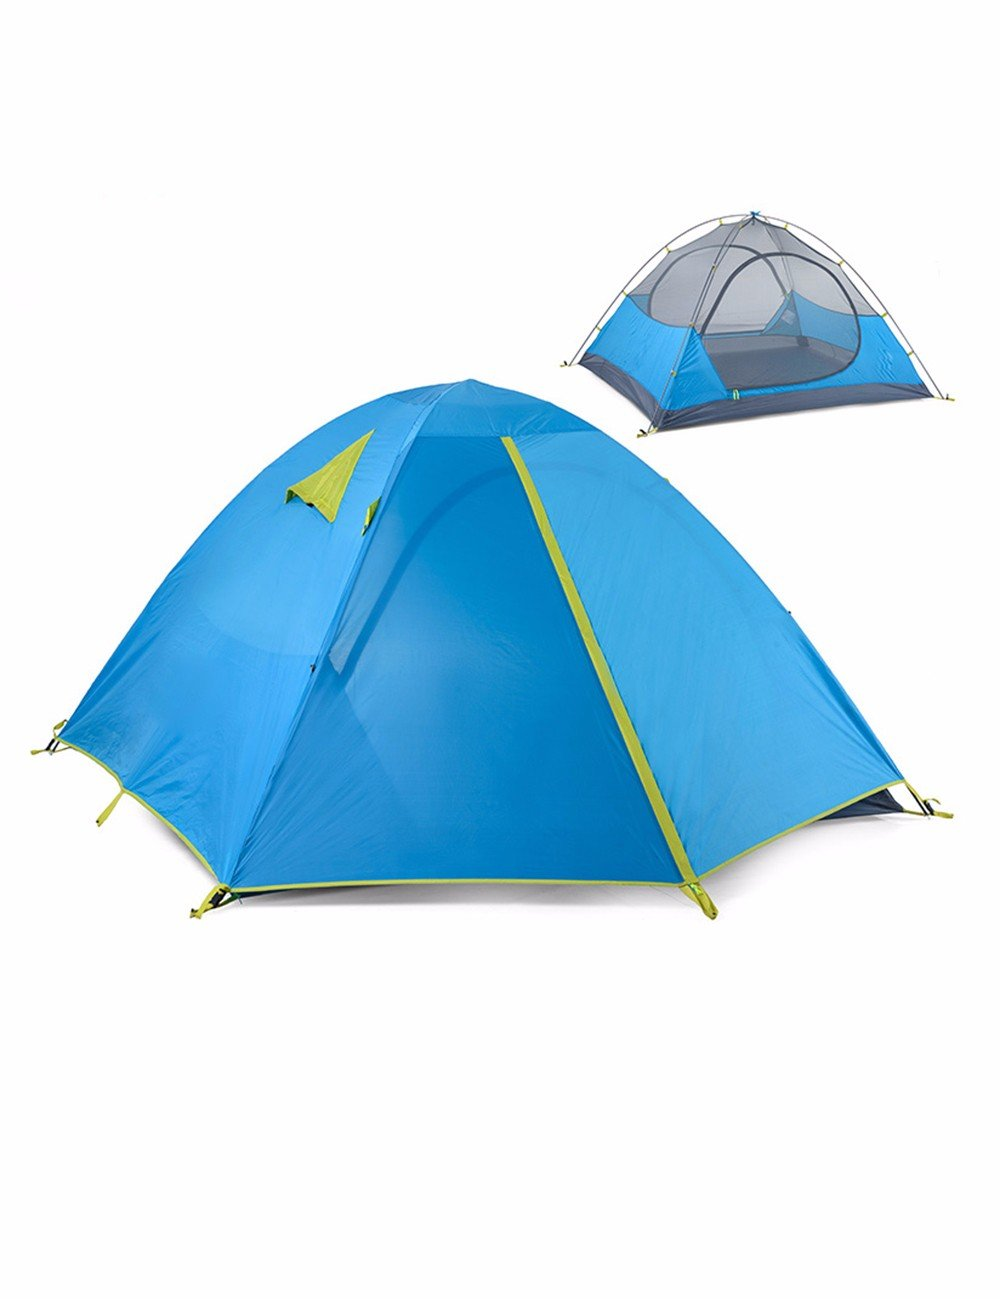 SJQKA-Zelt Outdoor 2 Personen 3-4 Personen Zelt, die Open-Air-Zelt Familie Paare, Camping Zelt,